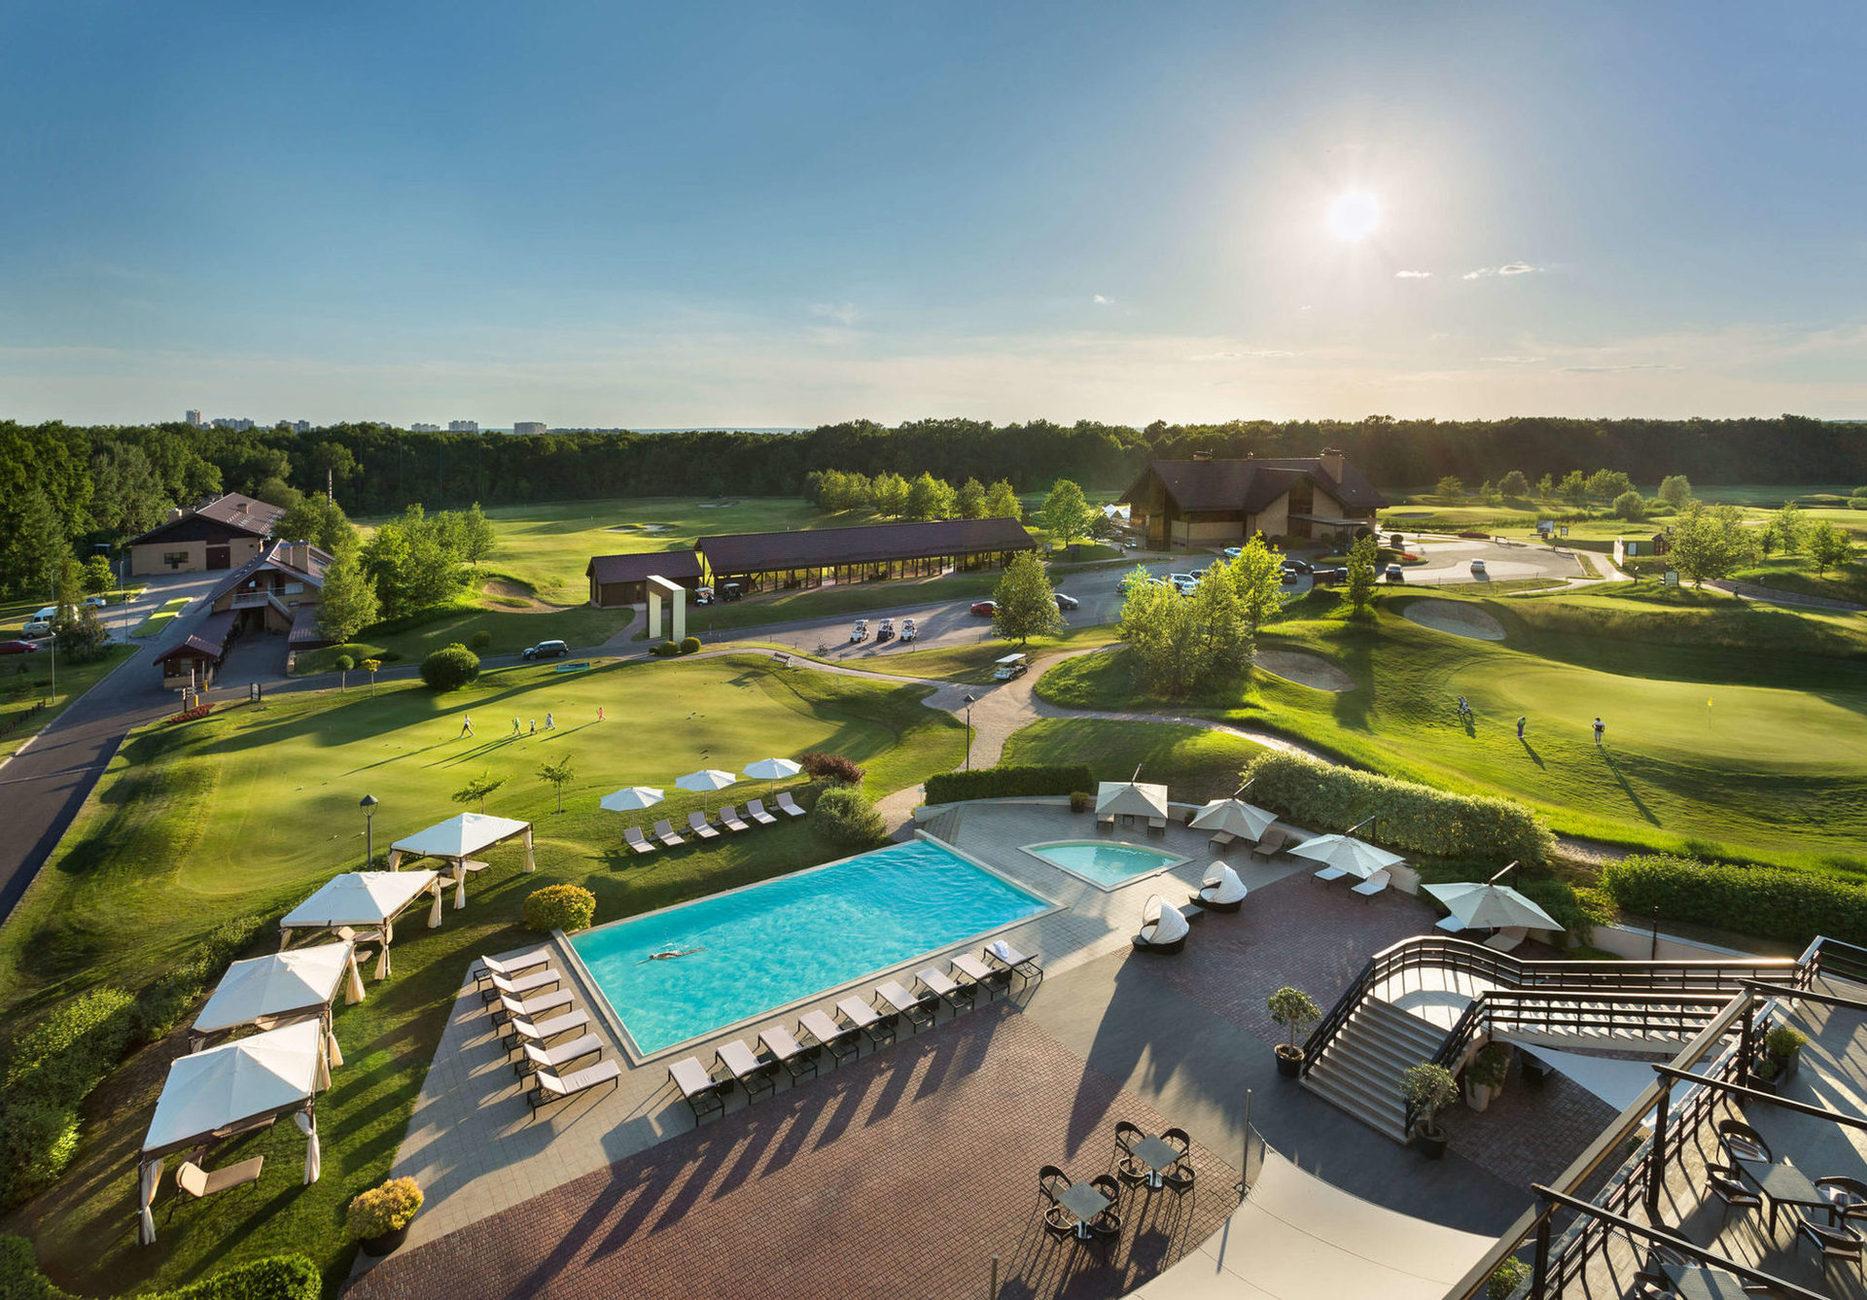 Superior Hotel - лучший гольф-отель 2017 года и лучший спорт-отель 2018 по версии International Hospitality Awards.